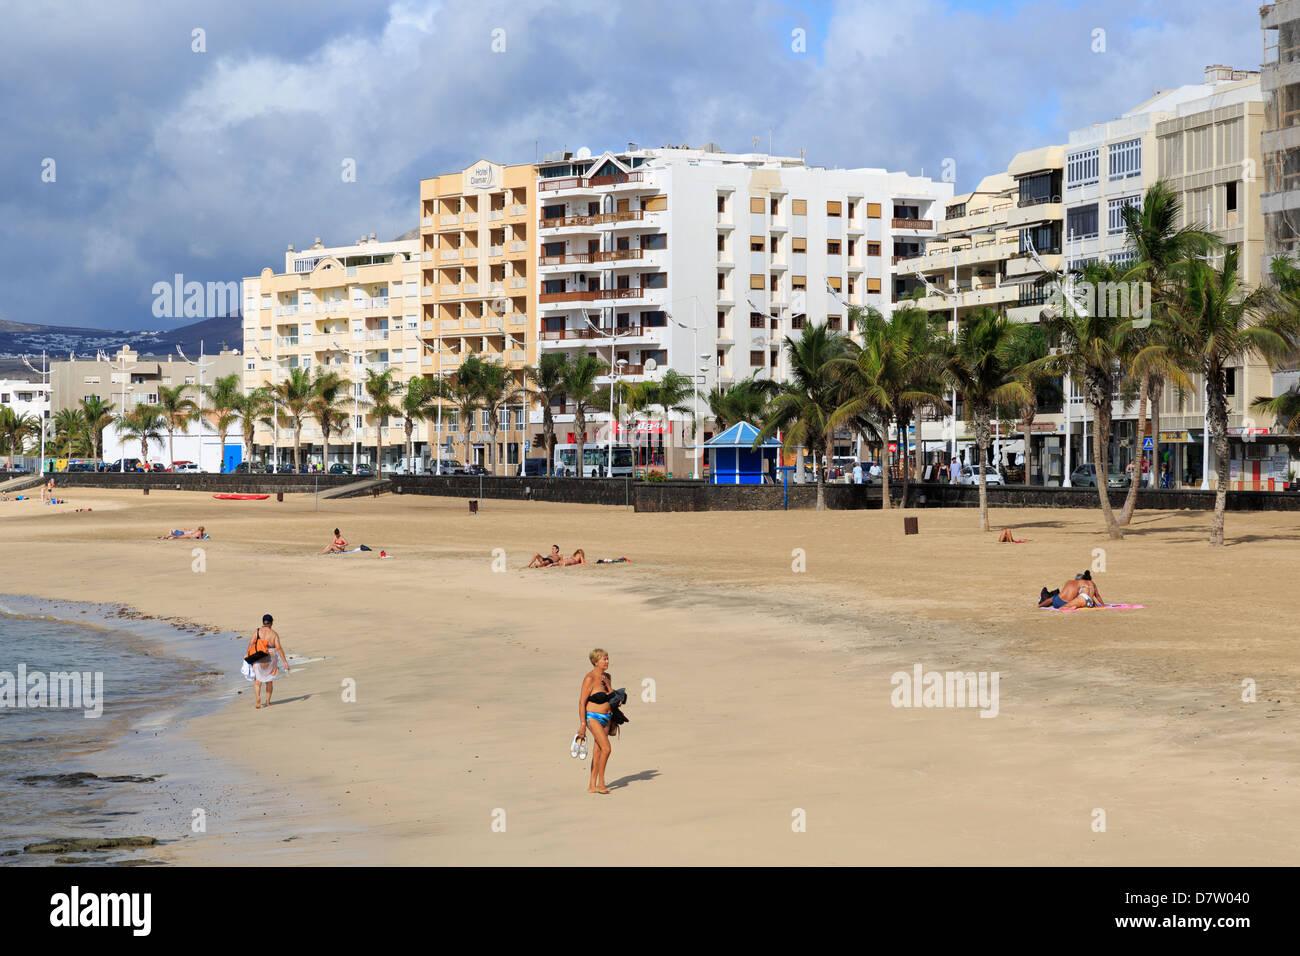 Reducto Beach, Arrecife, Lanzarote Island, Canary Islands, Spain, Atlantic - Stock Image